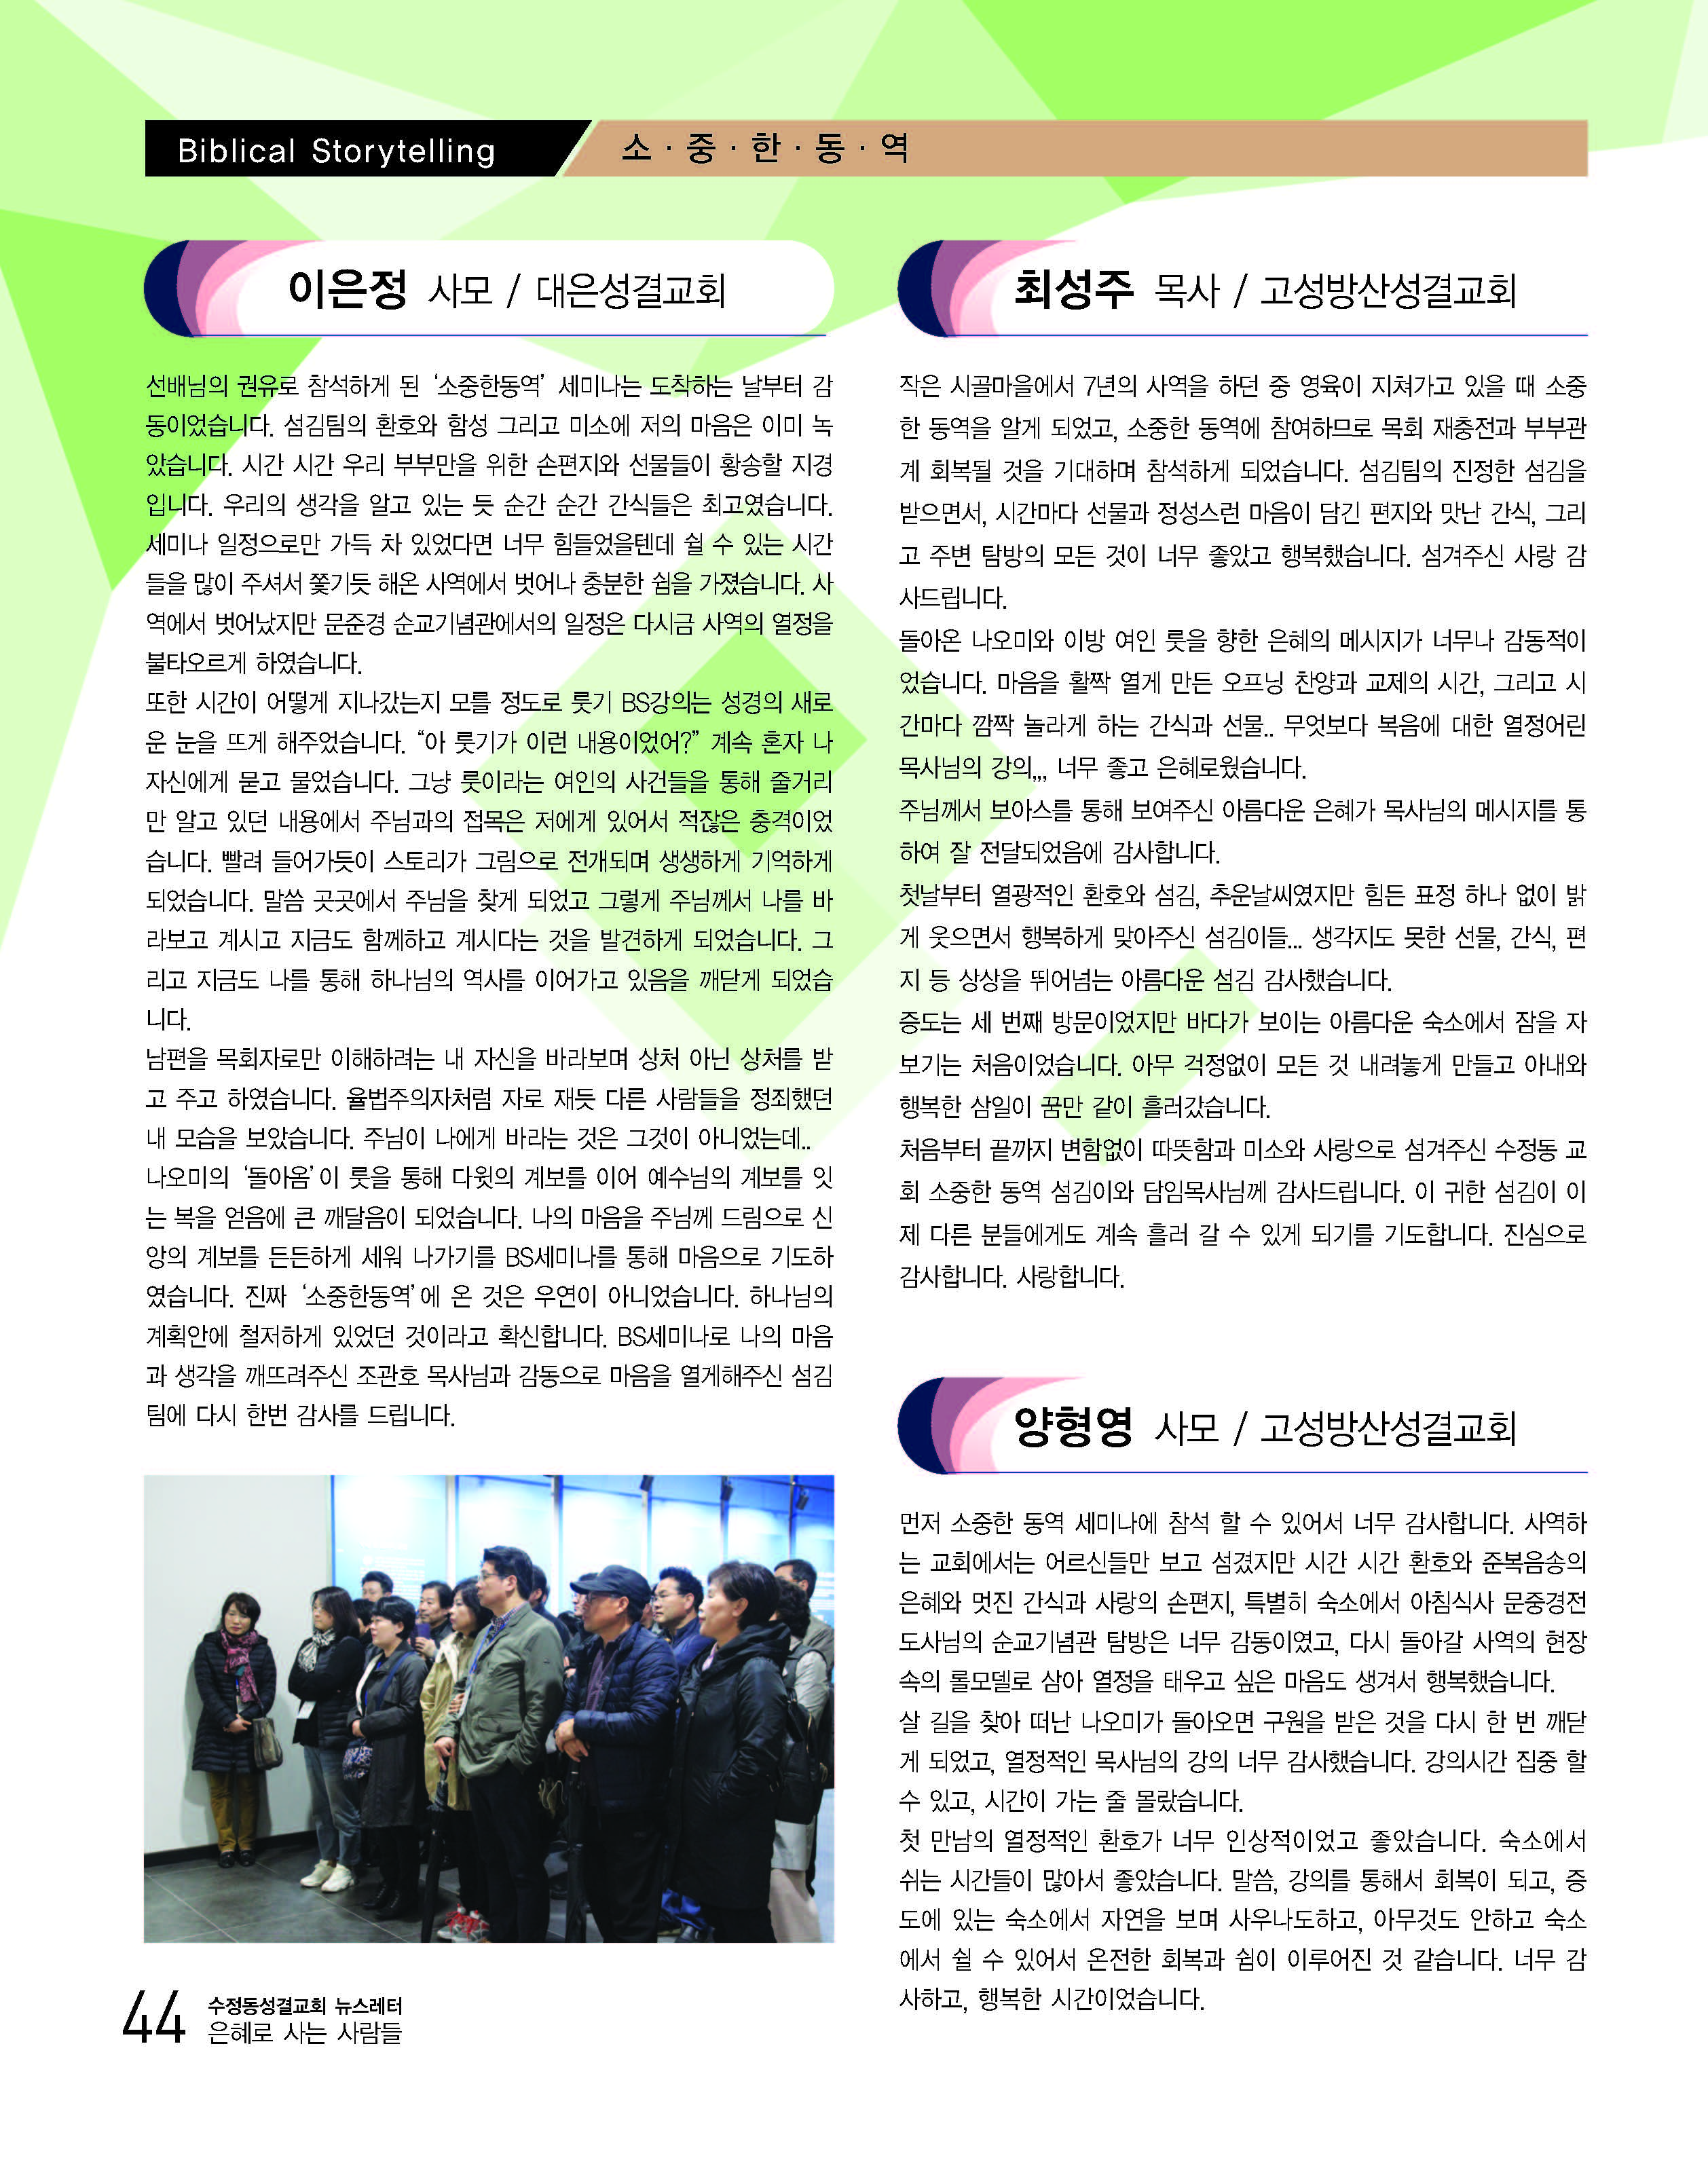 은혜로25홈피용_Page_44.jpg